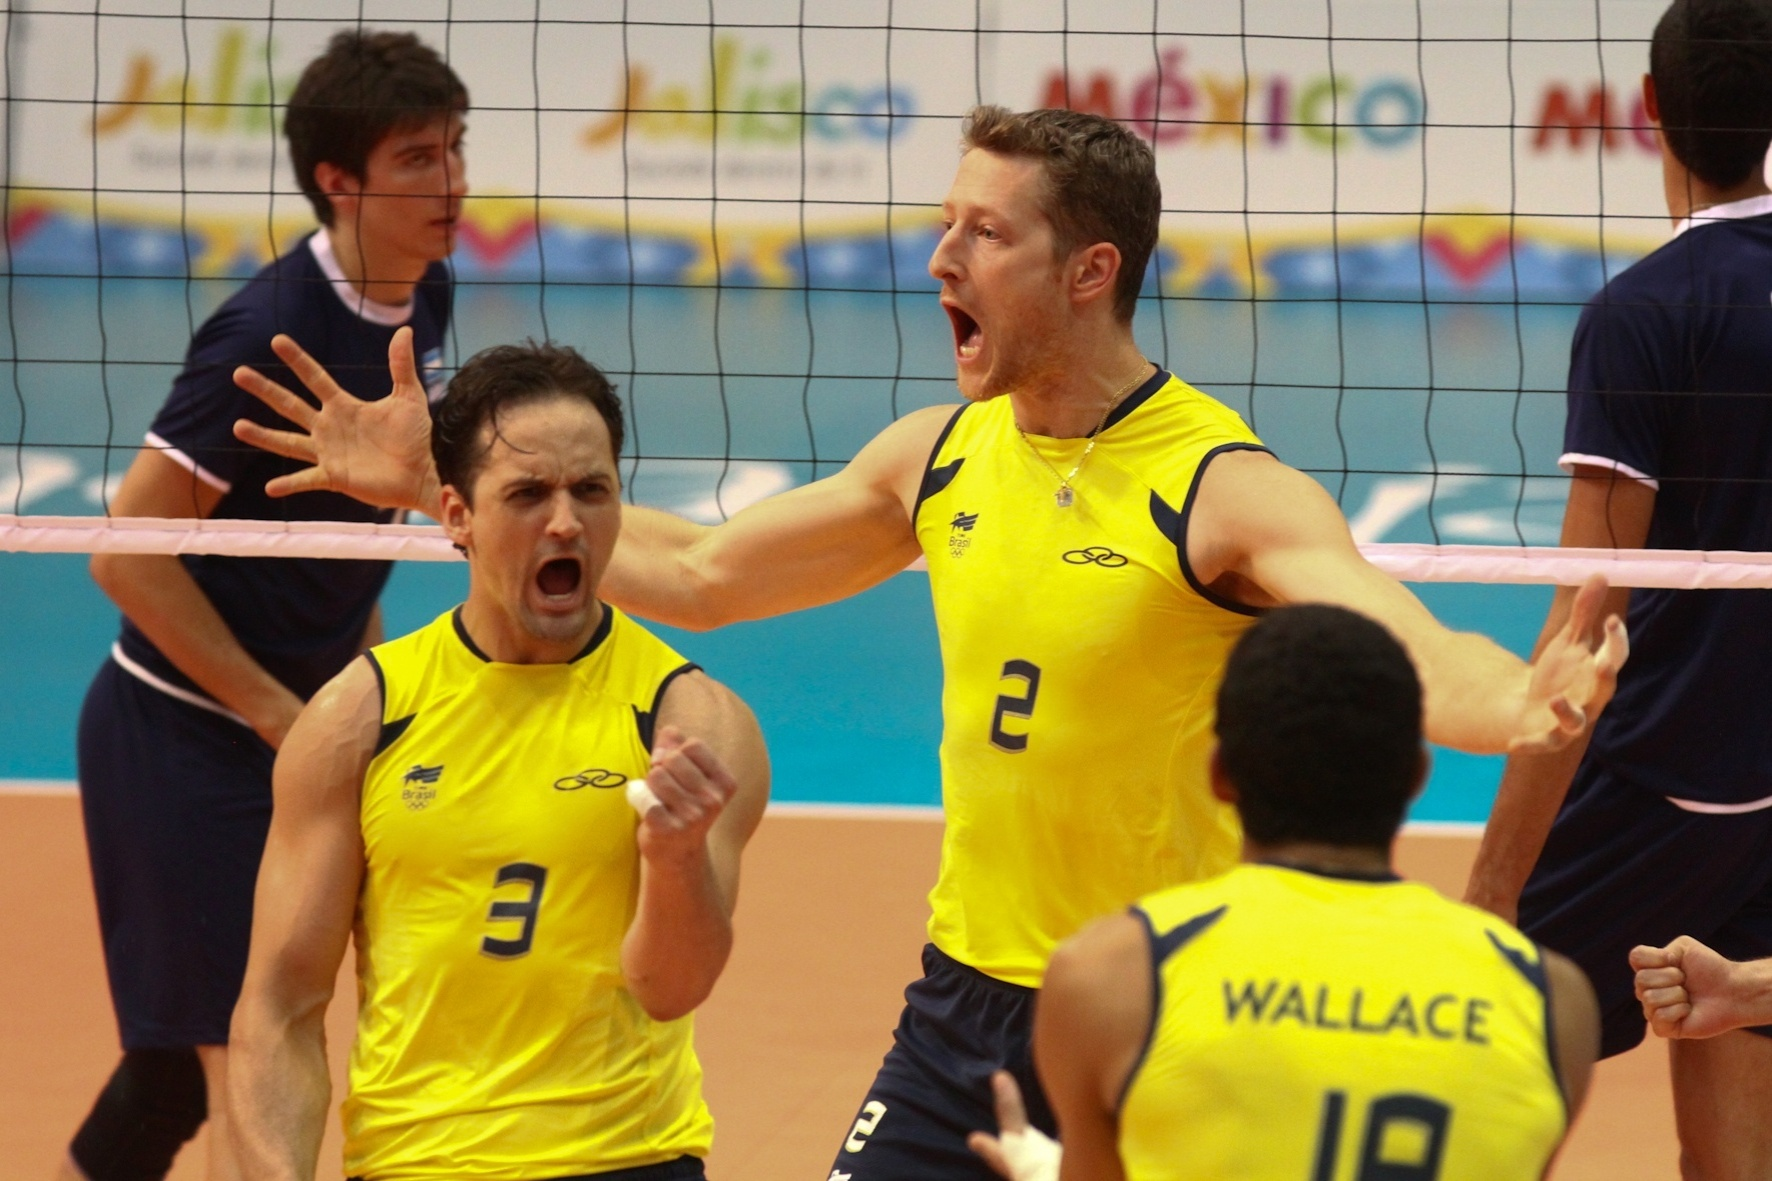 Lipe, Gustavo e Wallace vibram após ponto brasileiro na semifinal do vôlei, contra a Argentina (28/10/2011)